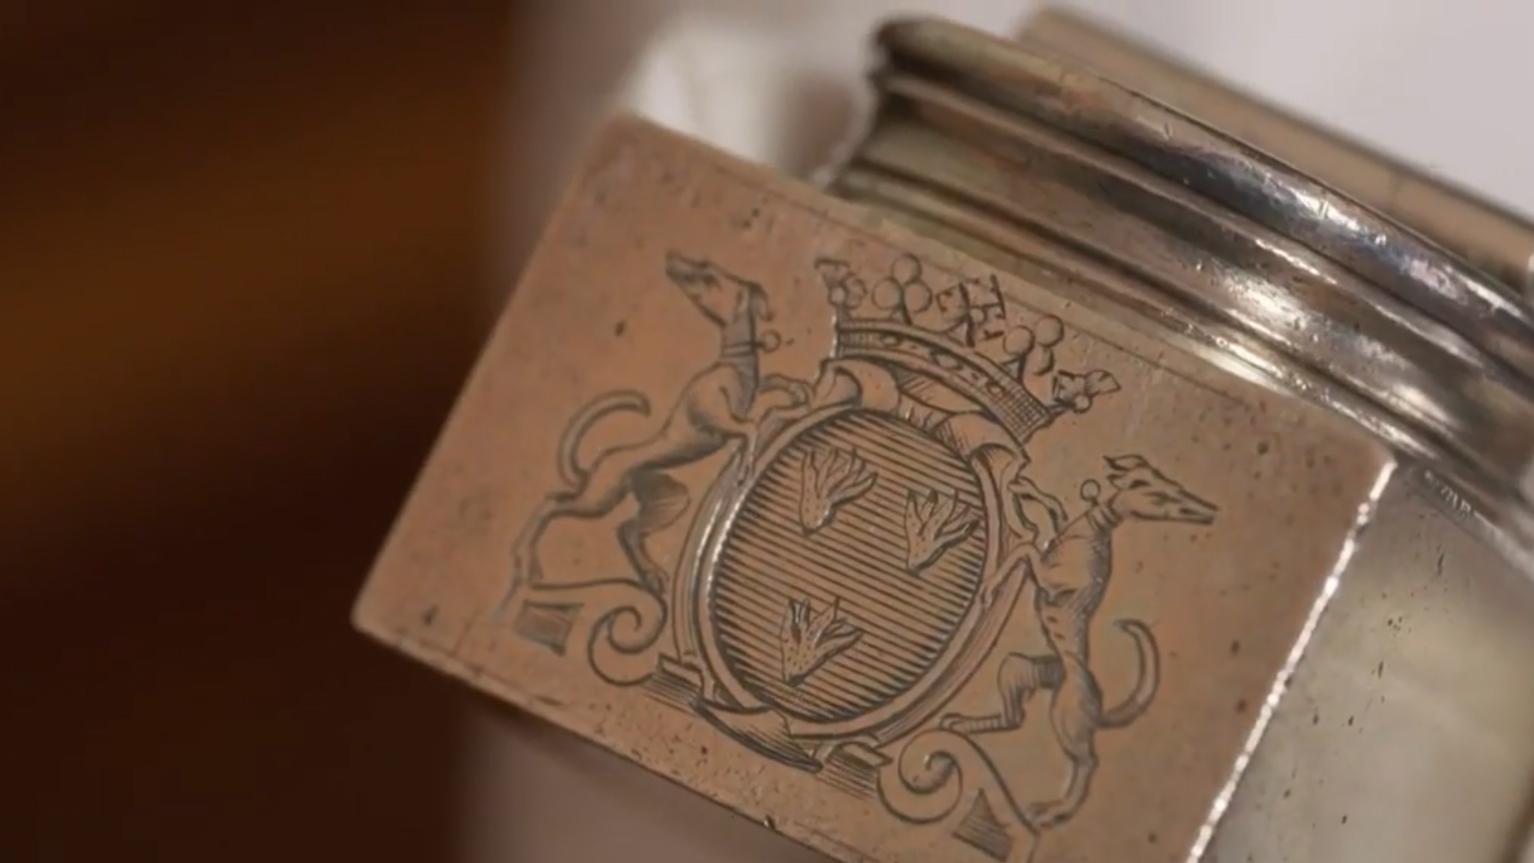 Aux Délices - Pot d'encre - Armoiries de Voltaire - Les 2 Levriers - d'purb dpurb site web